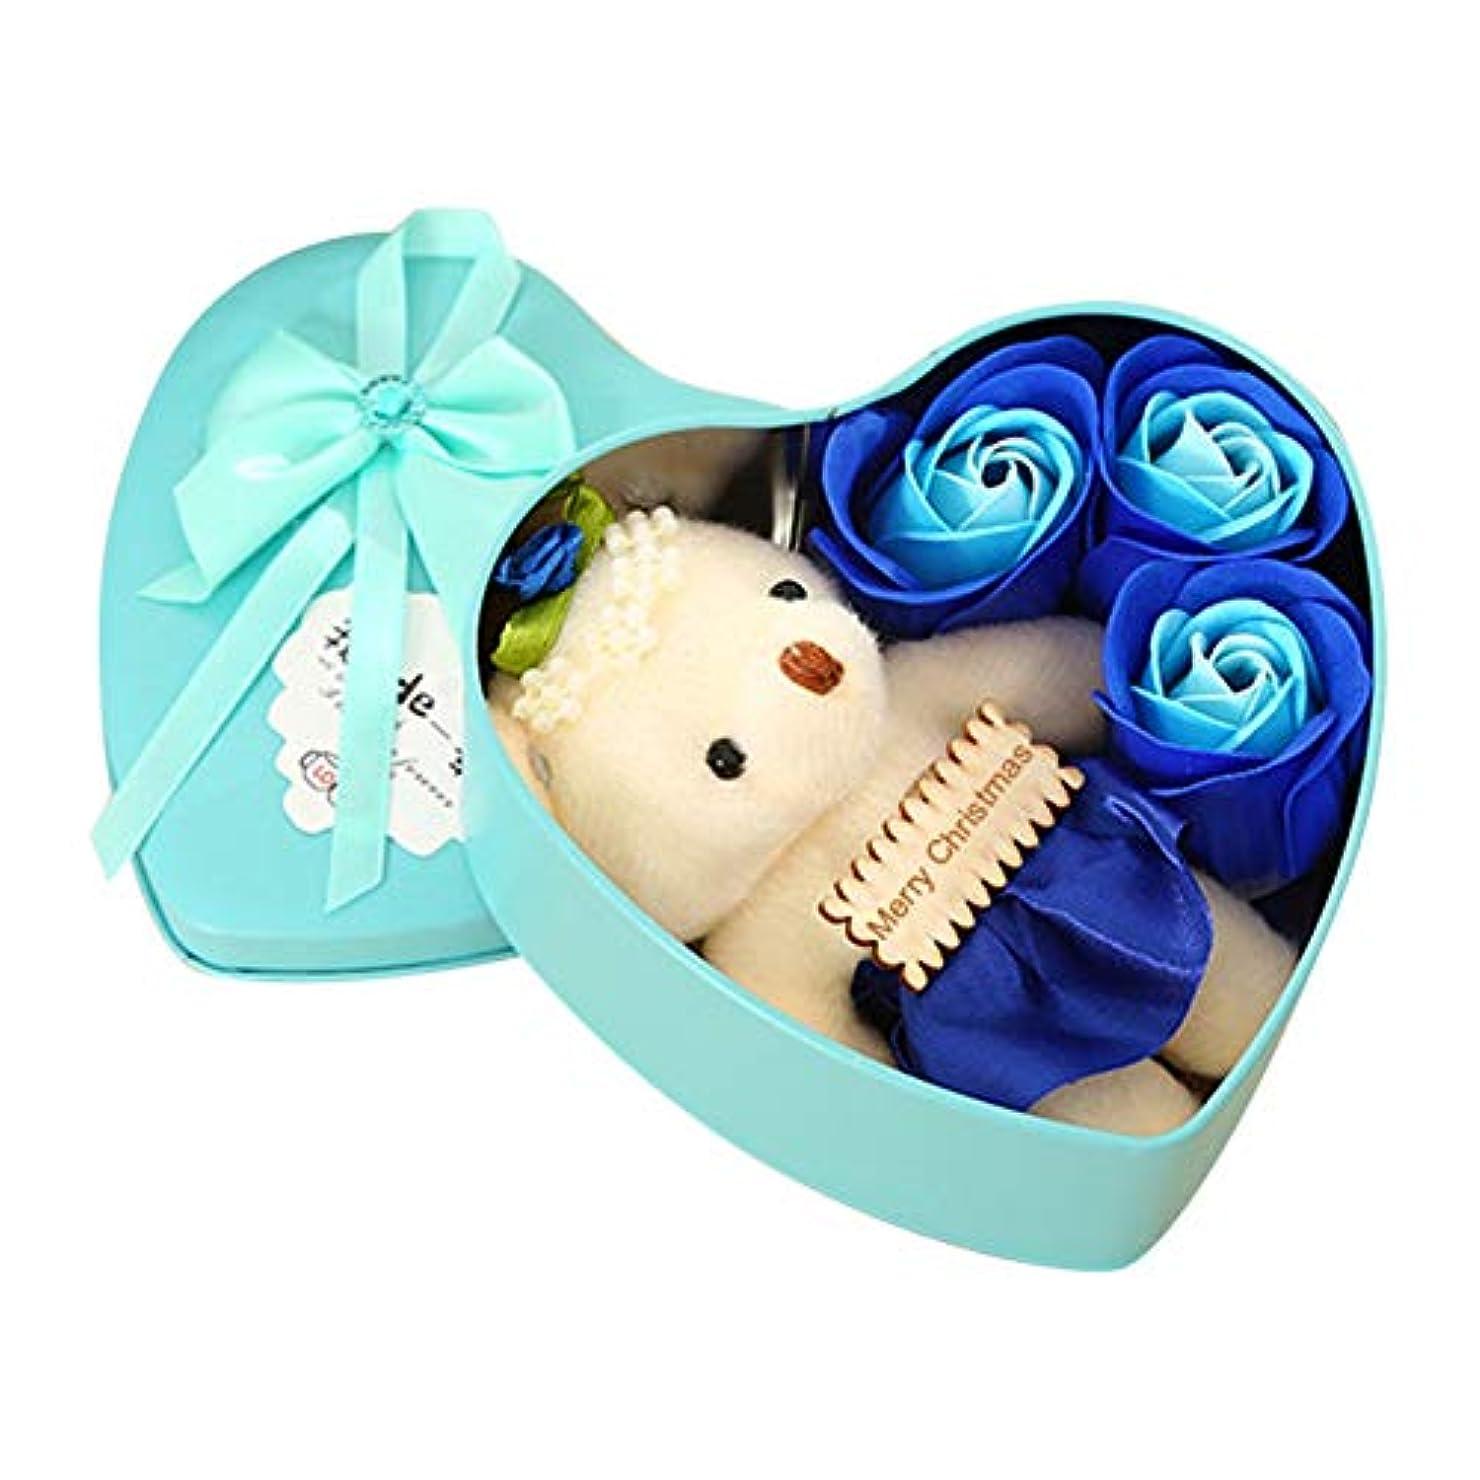 回復コーラス意図的リトルベアーとハート型の収納ボックス付き3花の形の石鹸ローズソープ恋人の恋人のためのロマンチックなギフト